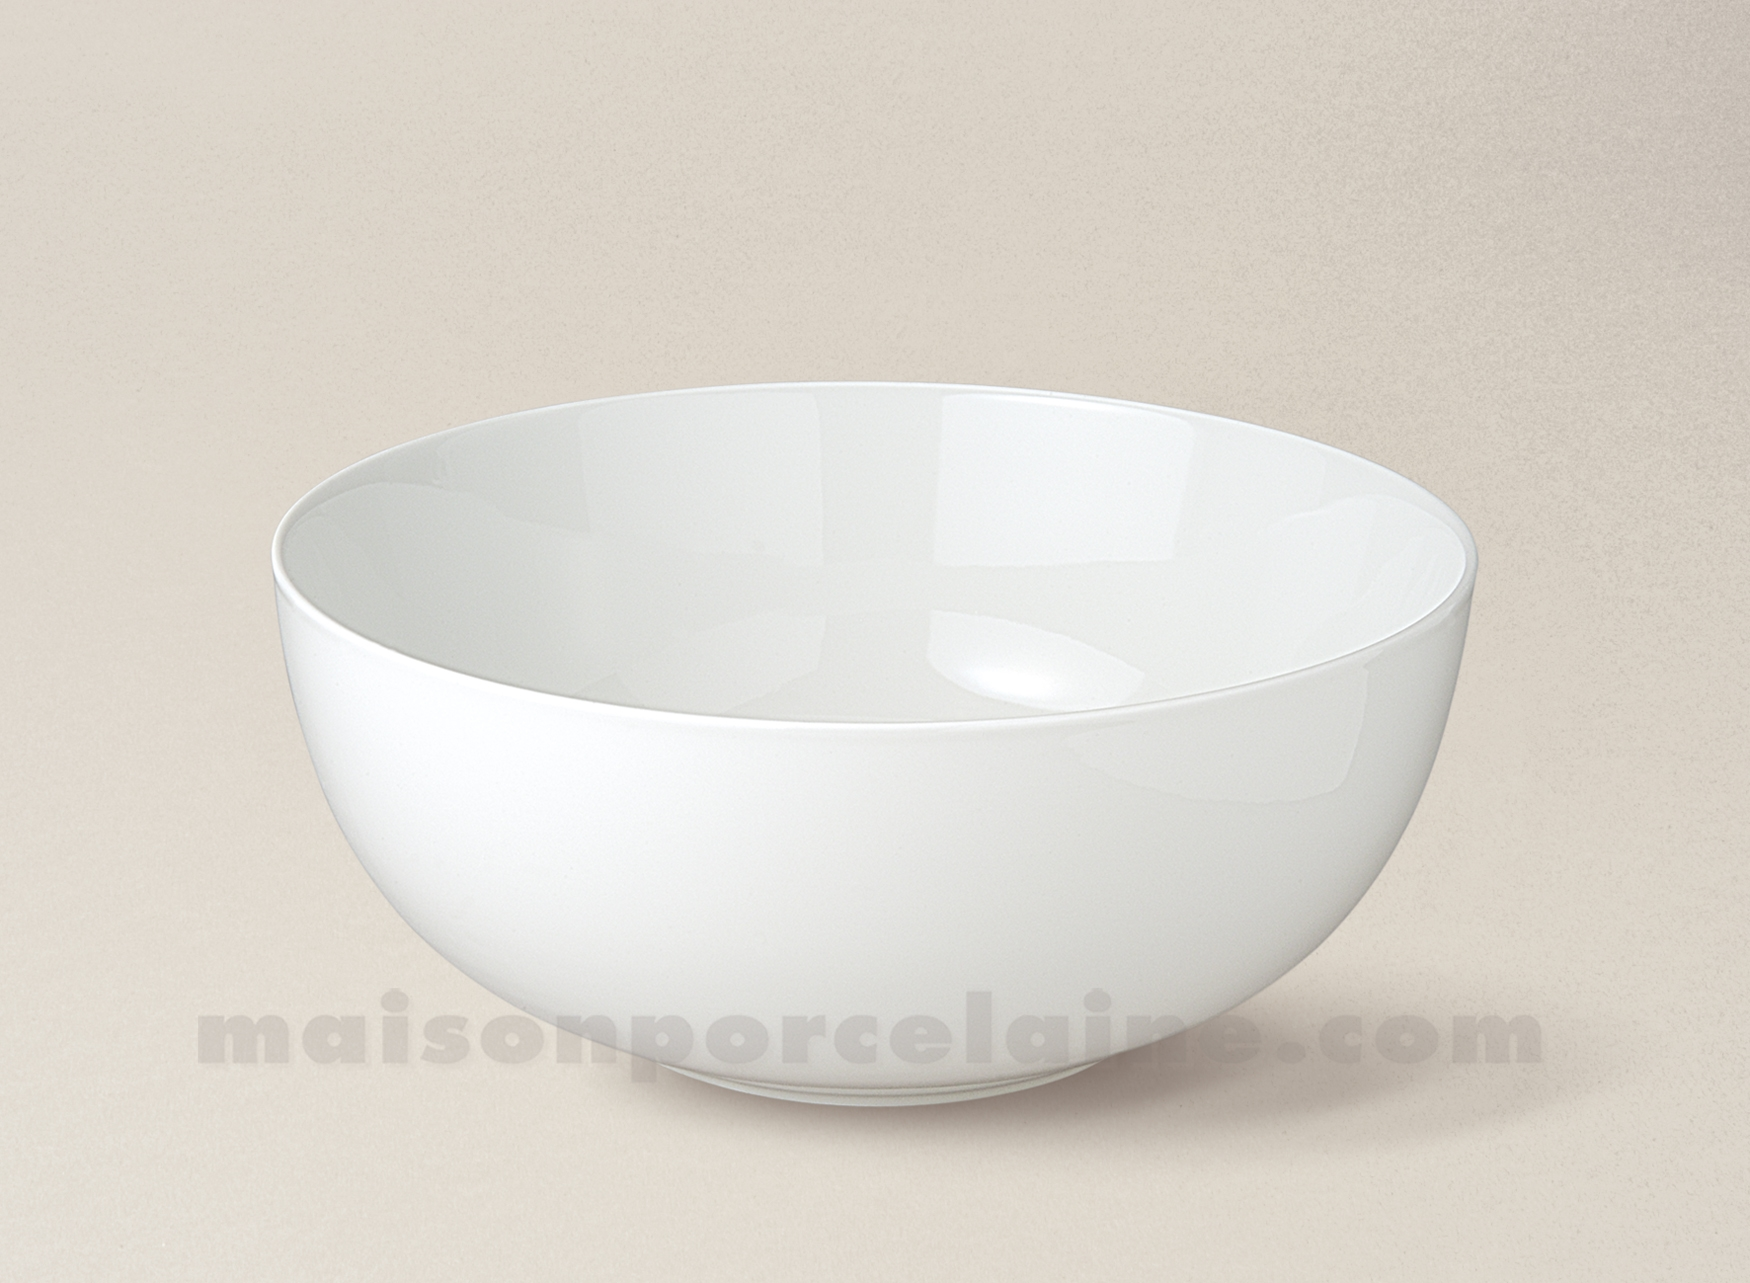 Saladier porcelaine blanche boule flandre n 6 17x6 5 - Saladier porcelaine blanche ...